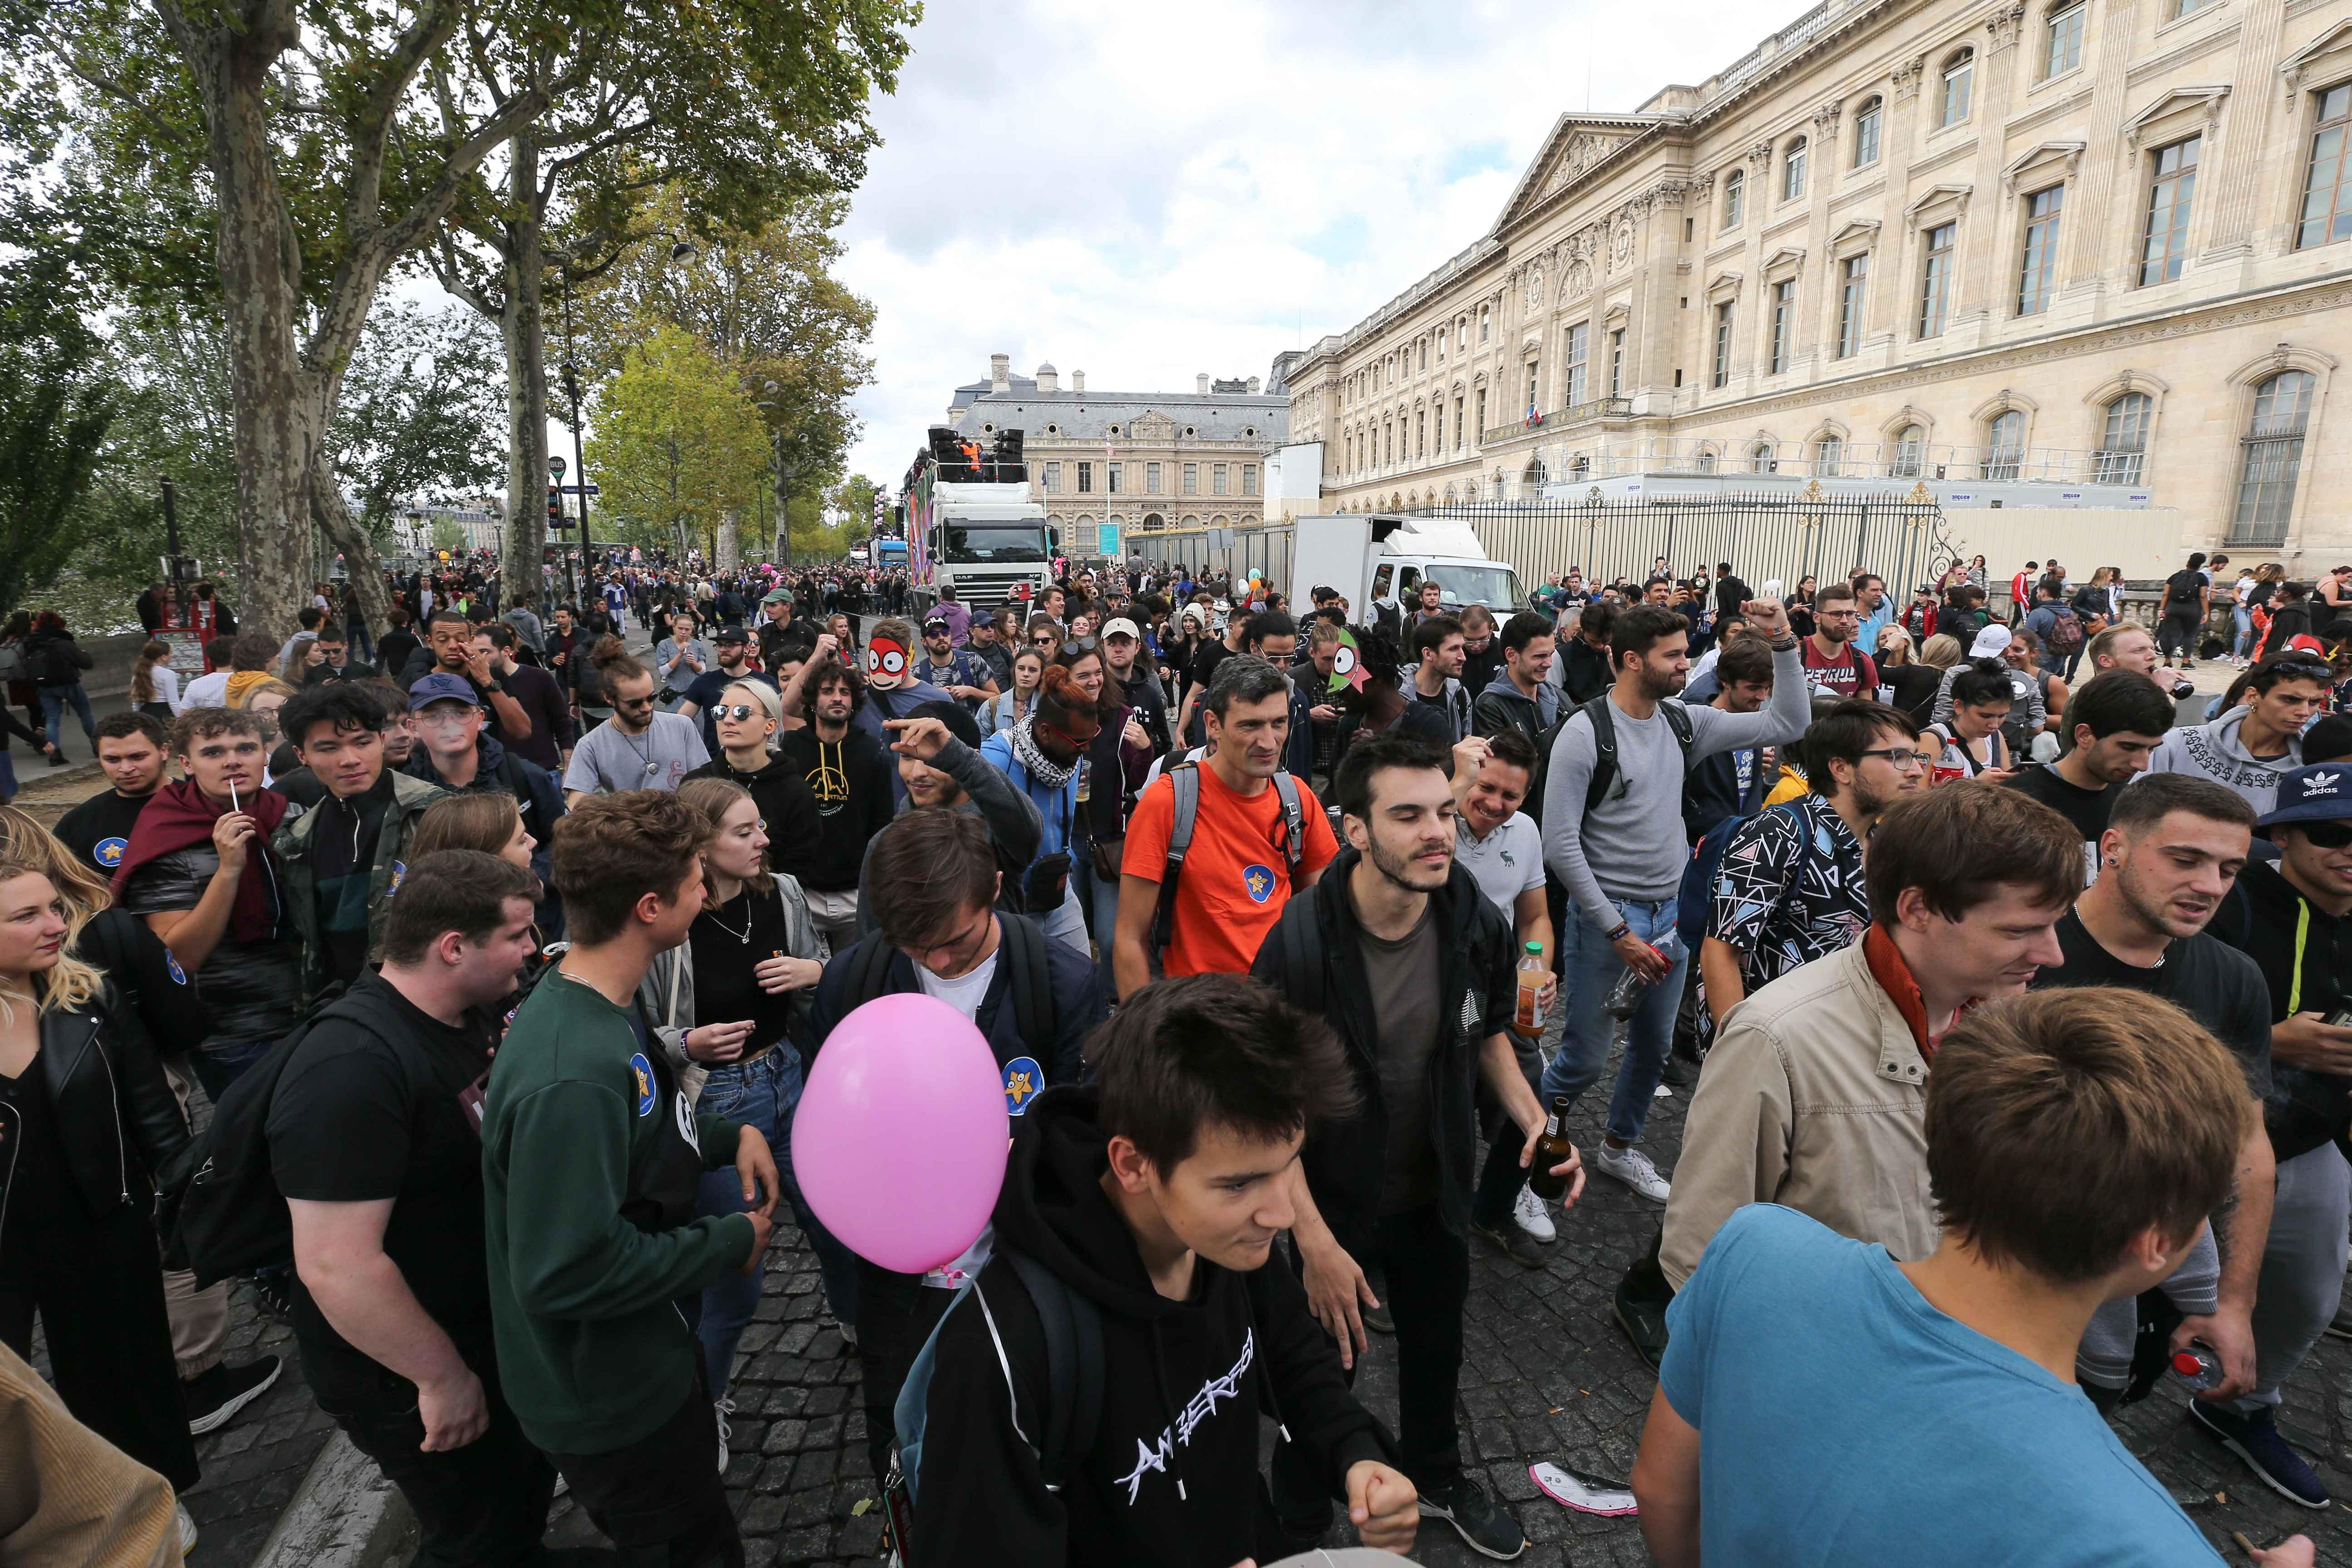 La foule au 21e défilé annuel de la Techno Parade. © Michel Stoupak. Sam 28.09.2019, 12:32:23.